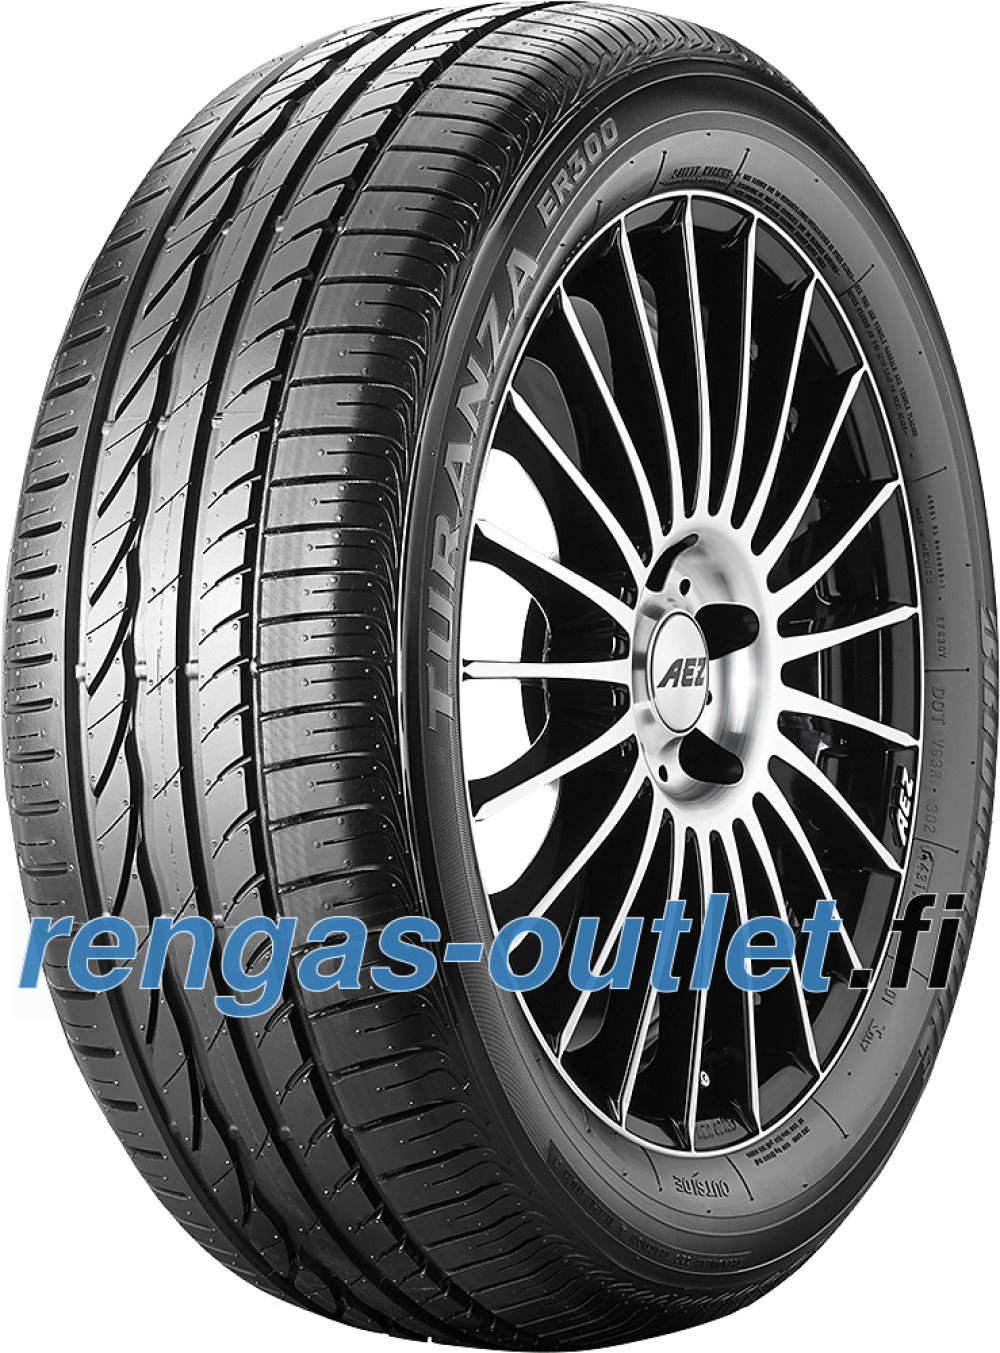 Bridgestone Turanza ER 300 ( 225/55 ZR17 97Y vannesuojalla (MFS) )